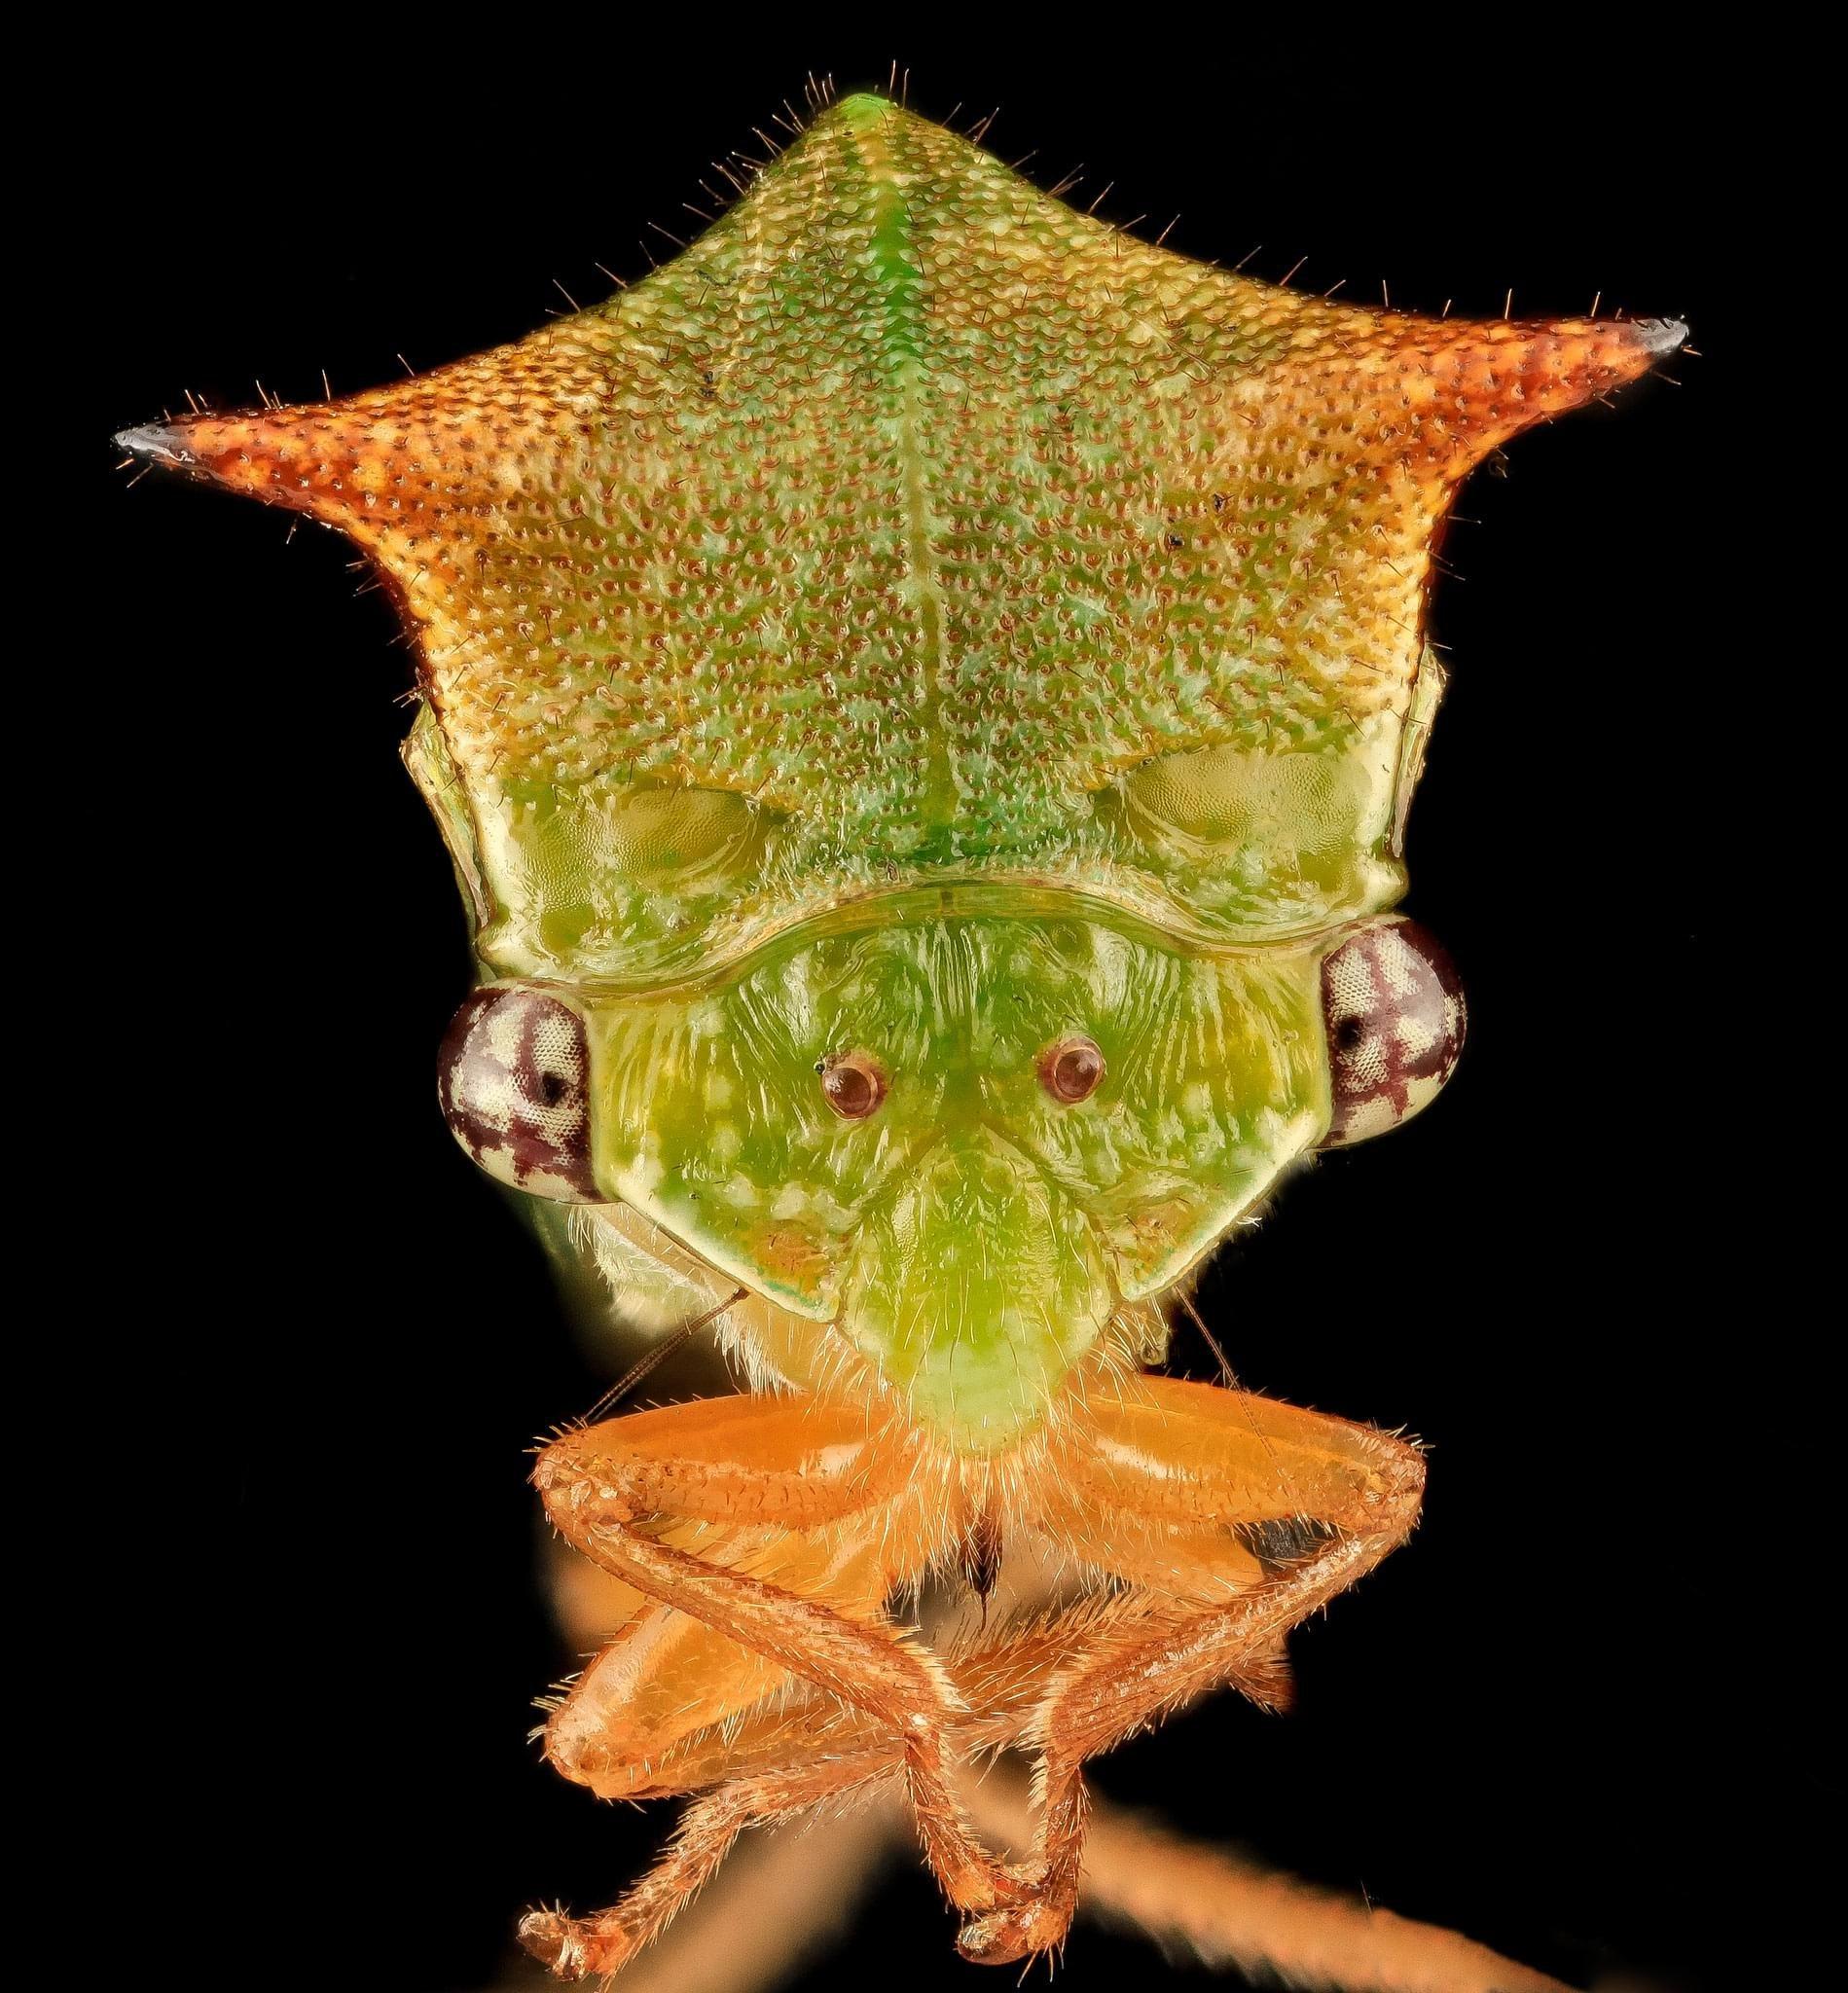 Membracídeos: conheça melhor essa família bizarra de insetos